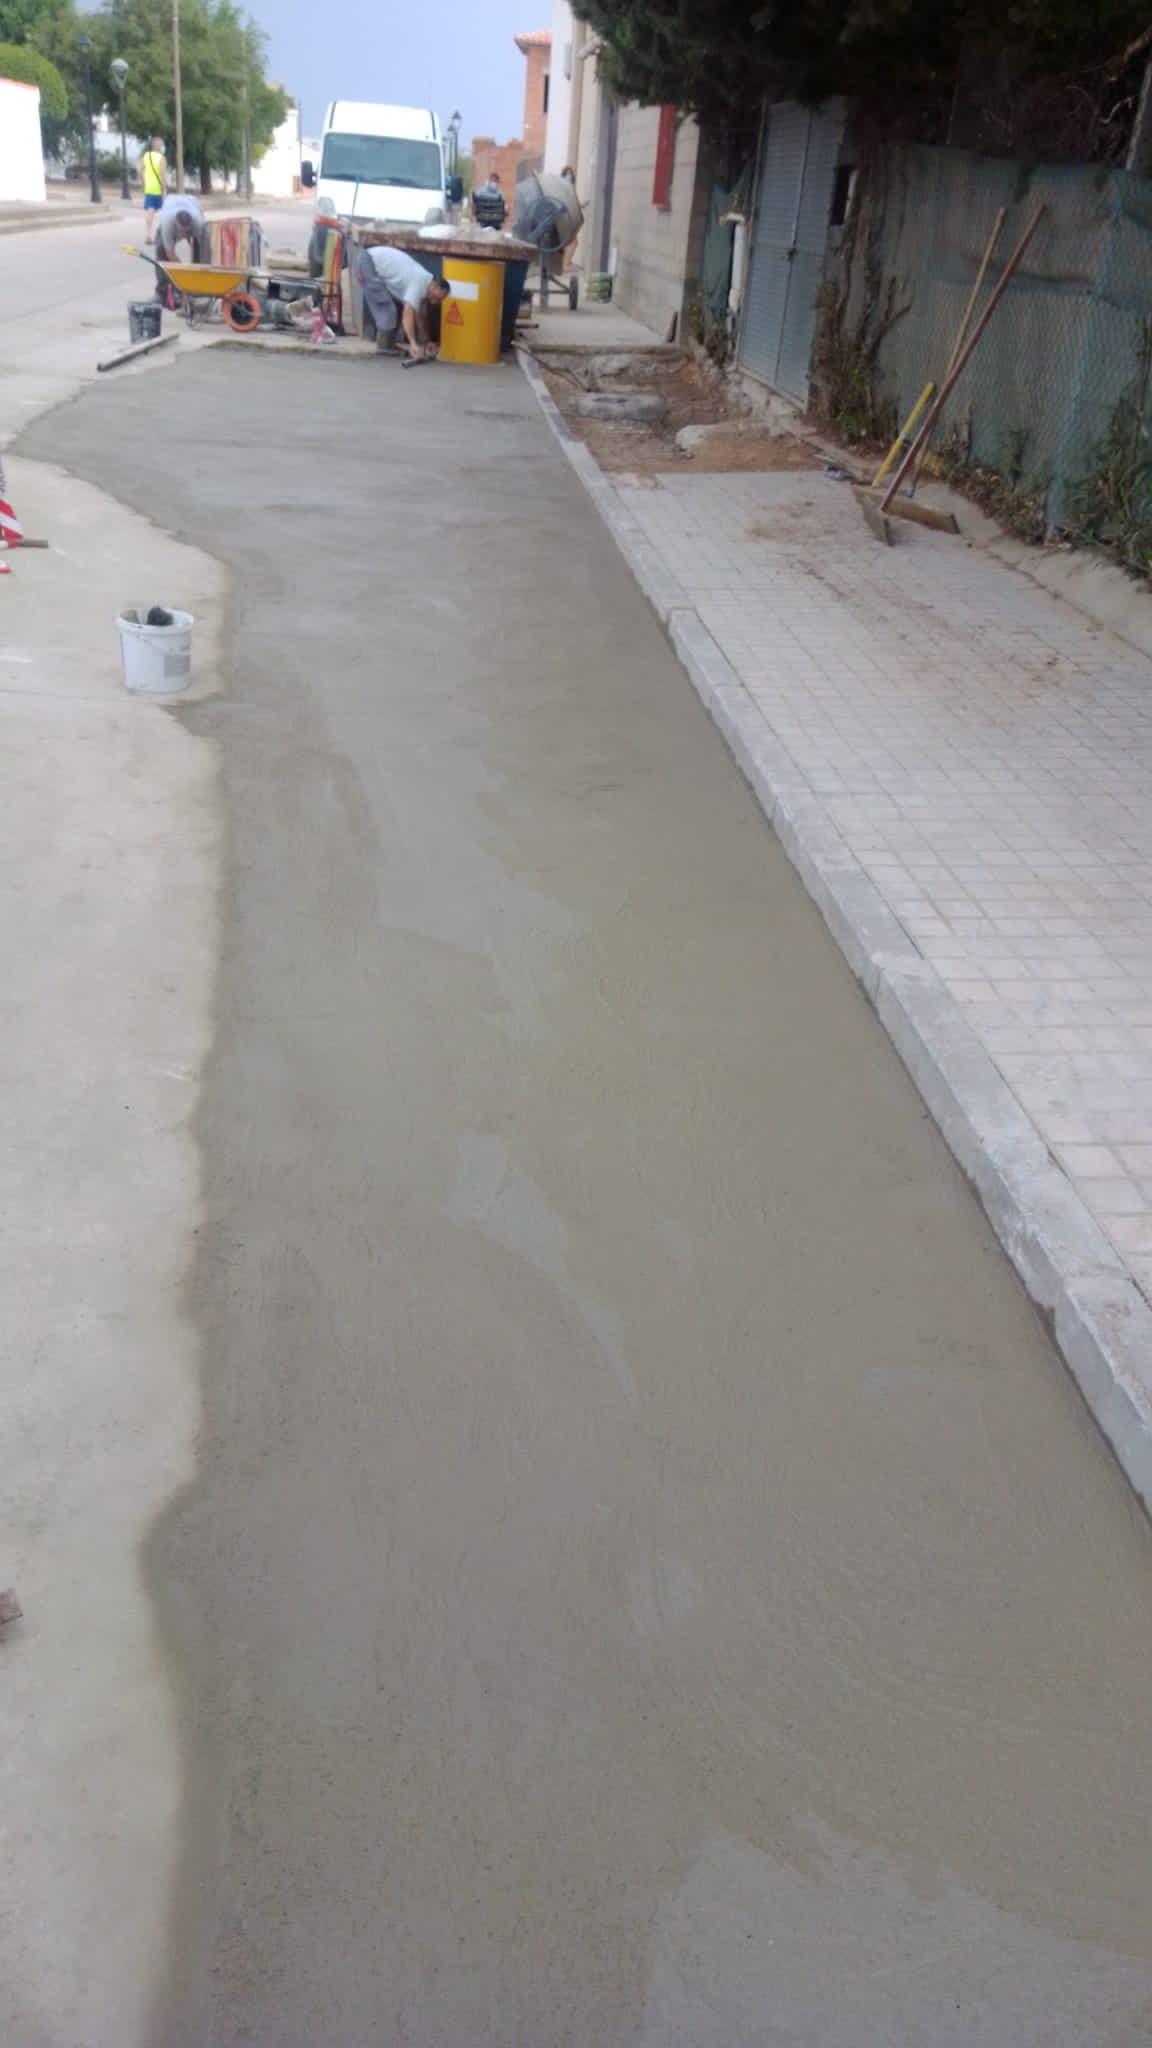 arreglo obras hundimiento herencia calles 4 - Arreglado el hundimiento de vía en el Barrio de San José